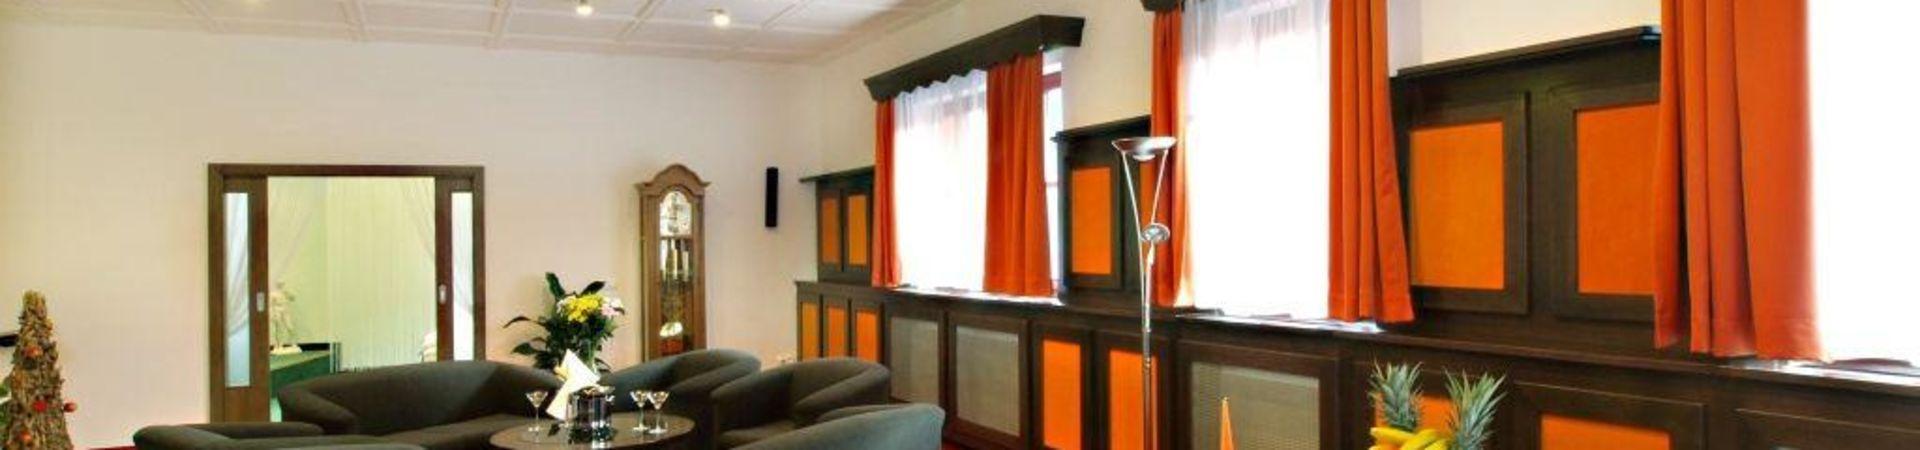 Hotel Studánka - Apartma Panna na jelenu